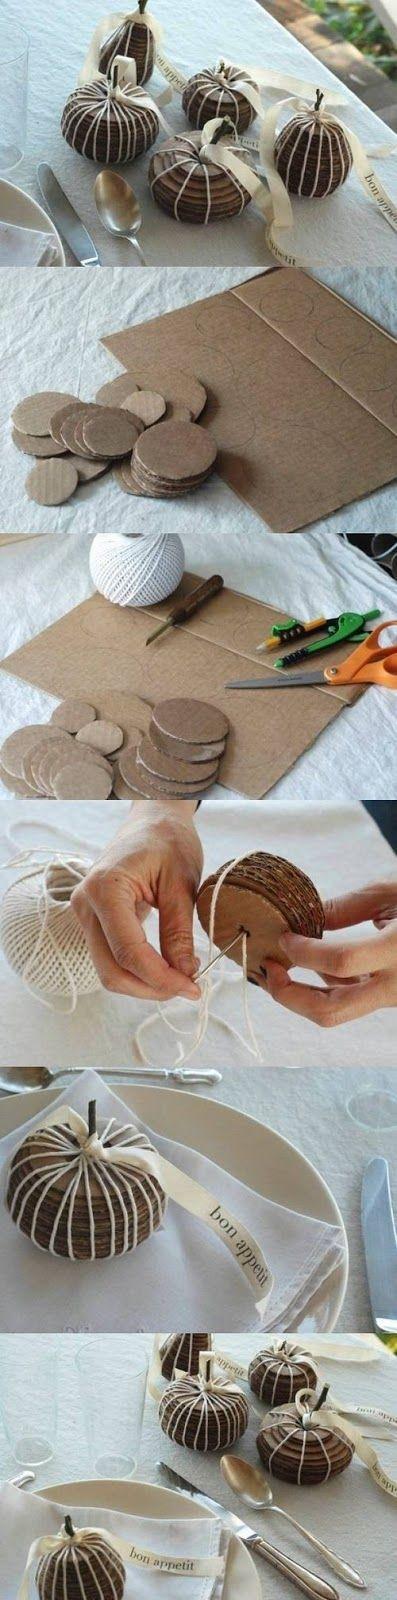 Mijn Ideeenbox Zit Vol Met Inspiratie Voor Je Decoraties En Activi Marenne Warsame Diy Blog Home Knutselideeen Knutselen Met Papier Handwerk